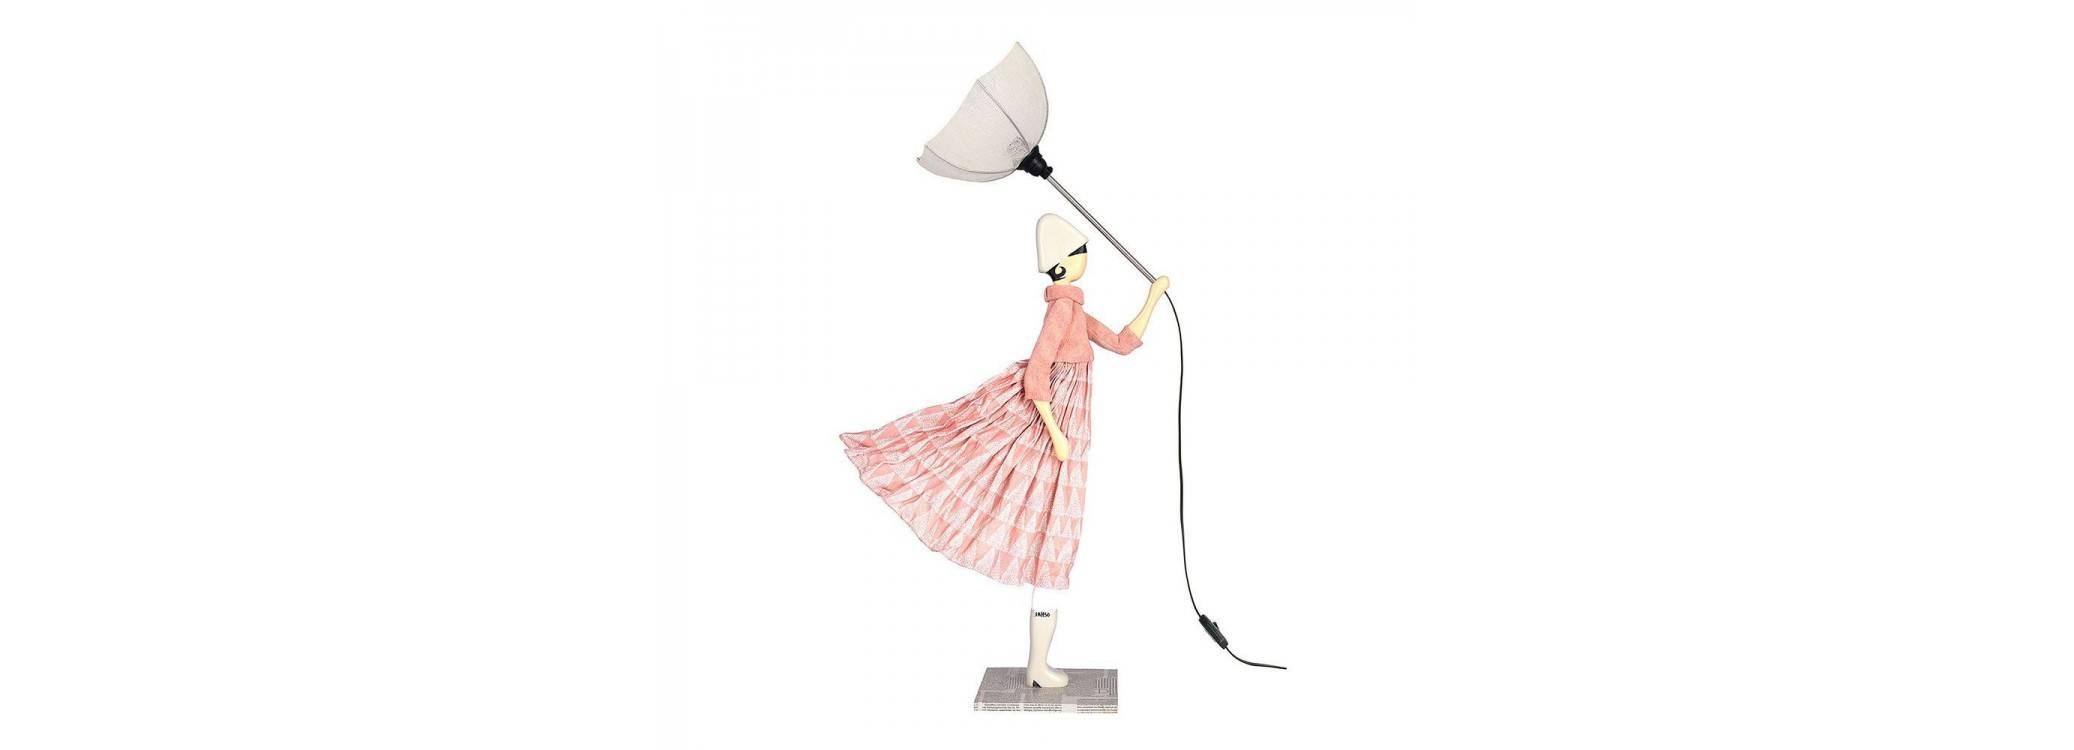 Lampe femme au parapluie - Pavlova